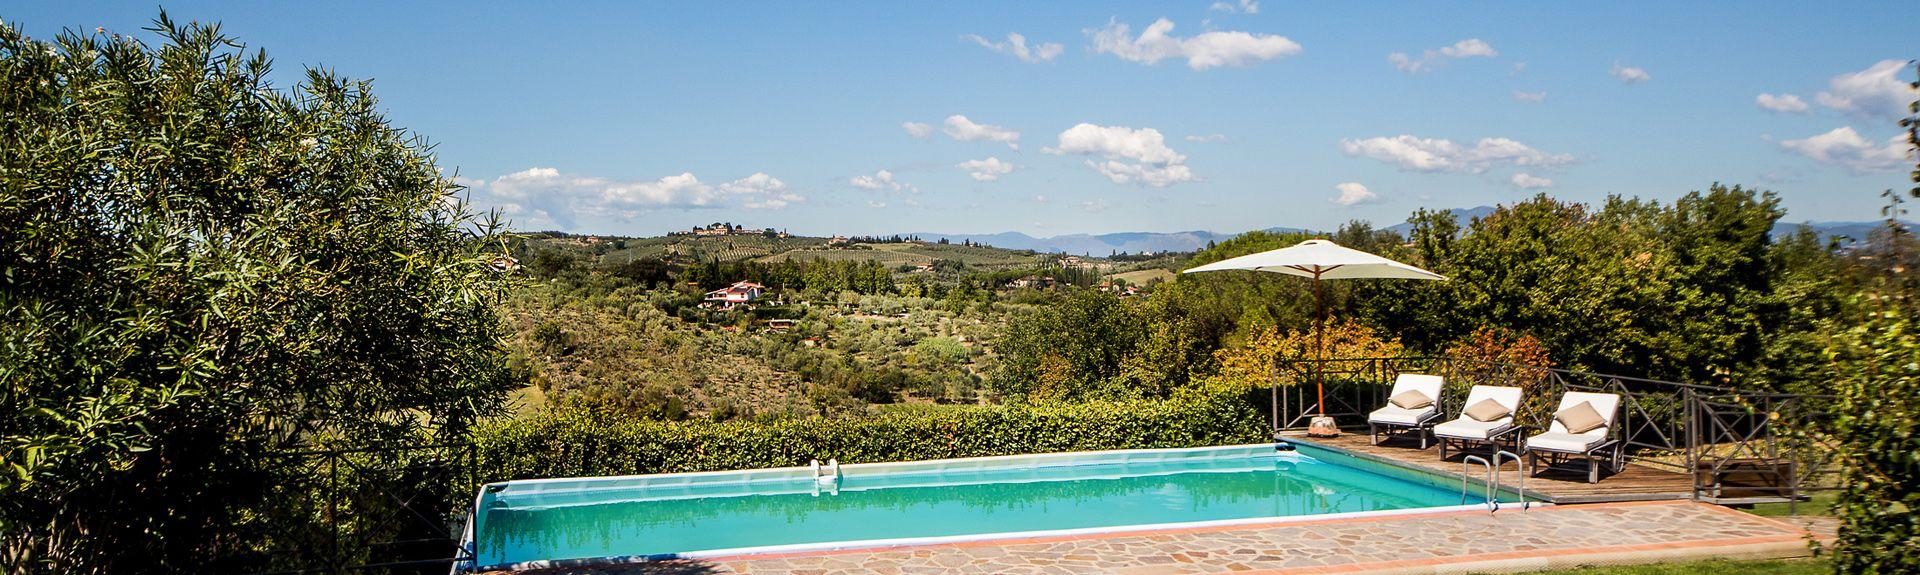 Reggello, Toscana, Italia